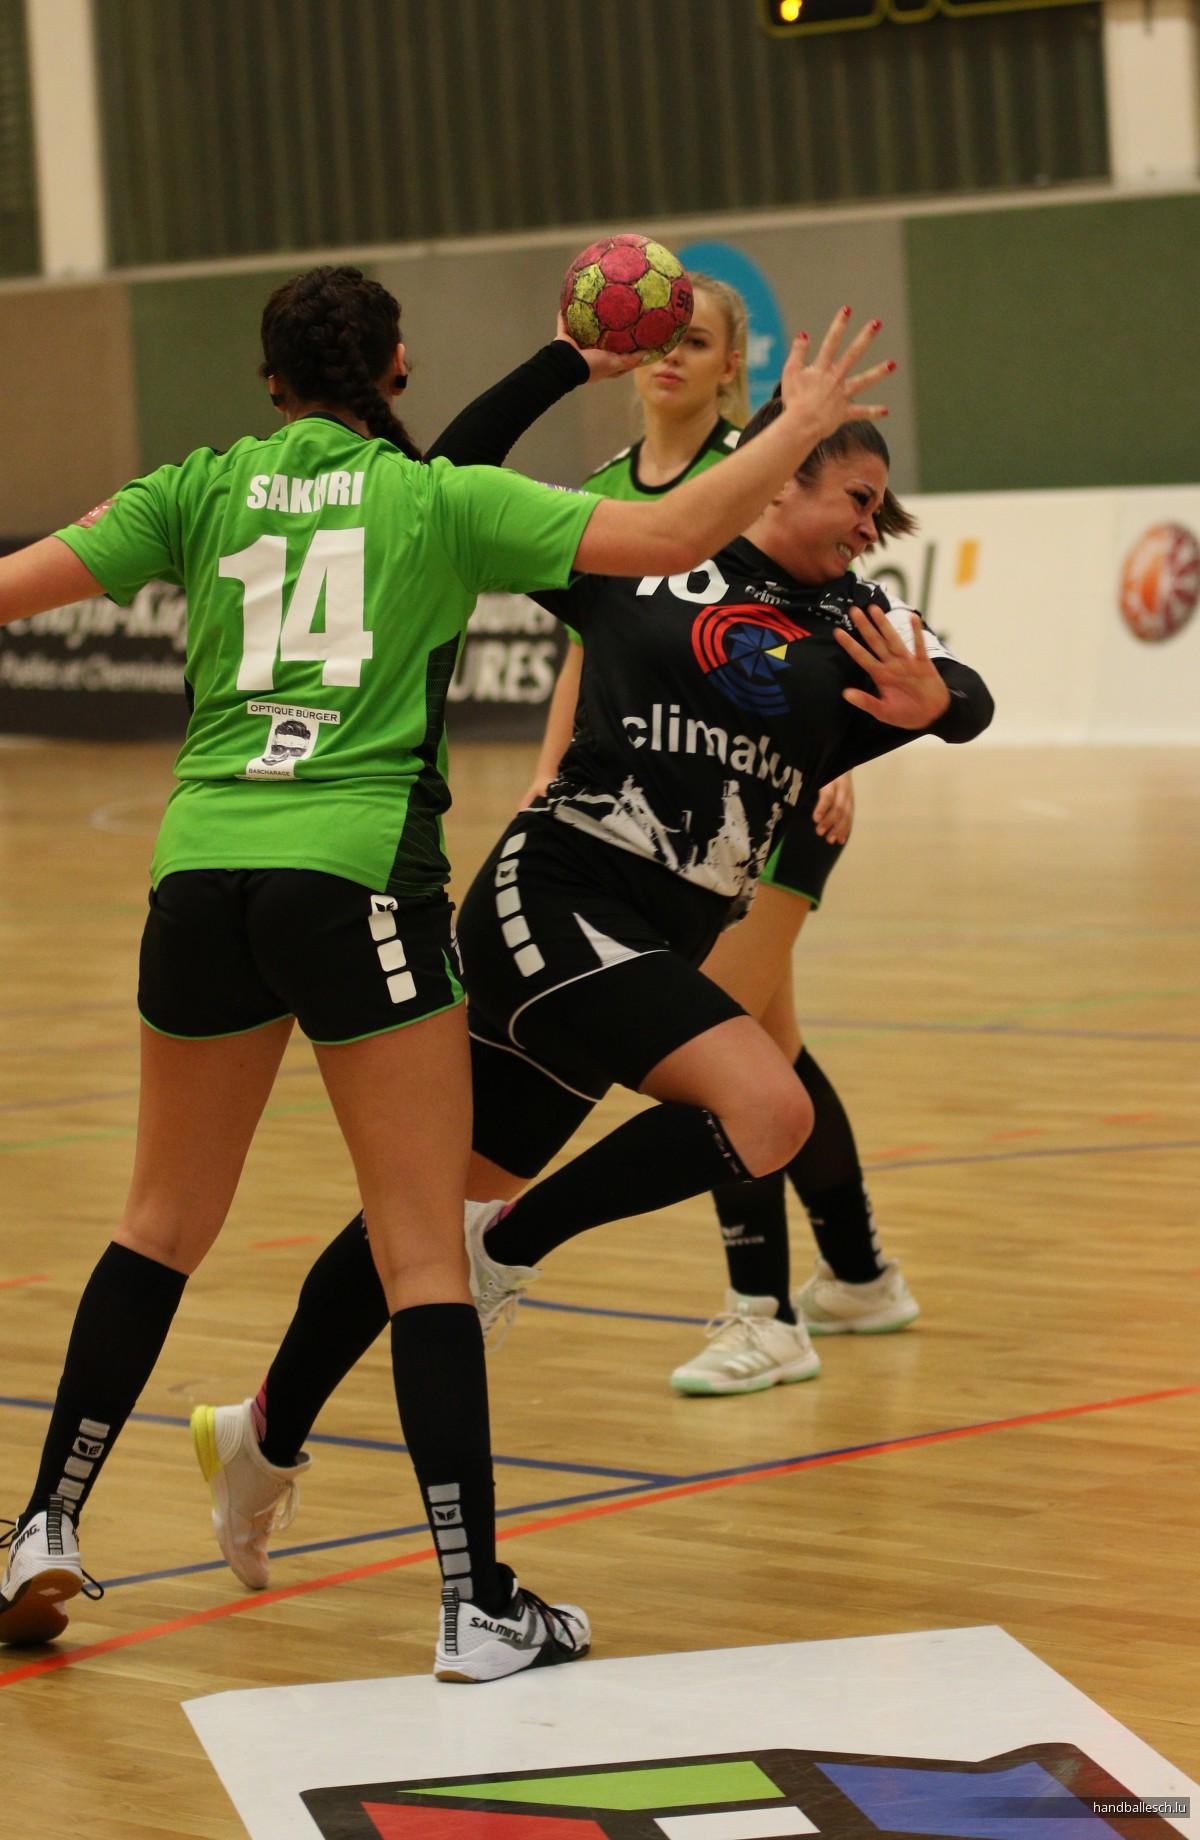 Fotoen/16.11.2019/Dammen: Handball Esch 14 - 35 Handball Käerjeng